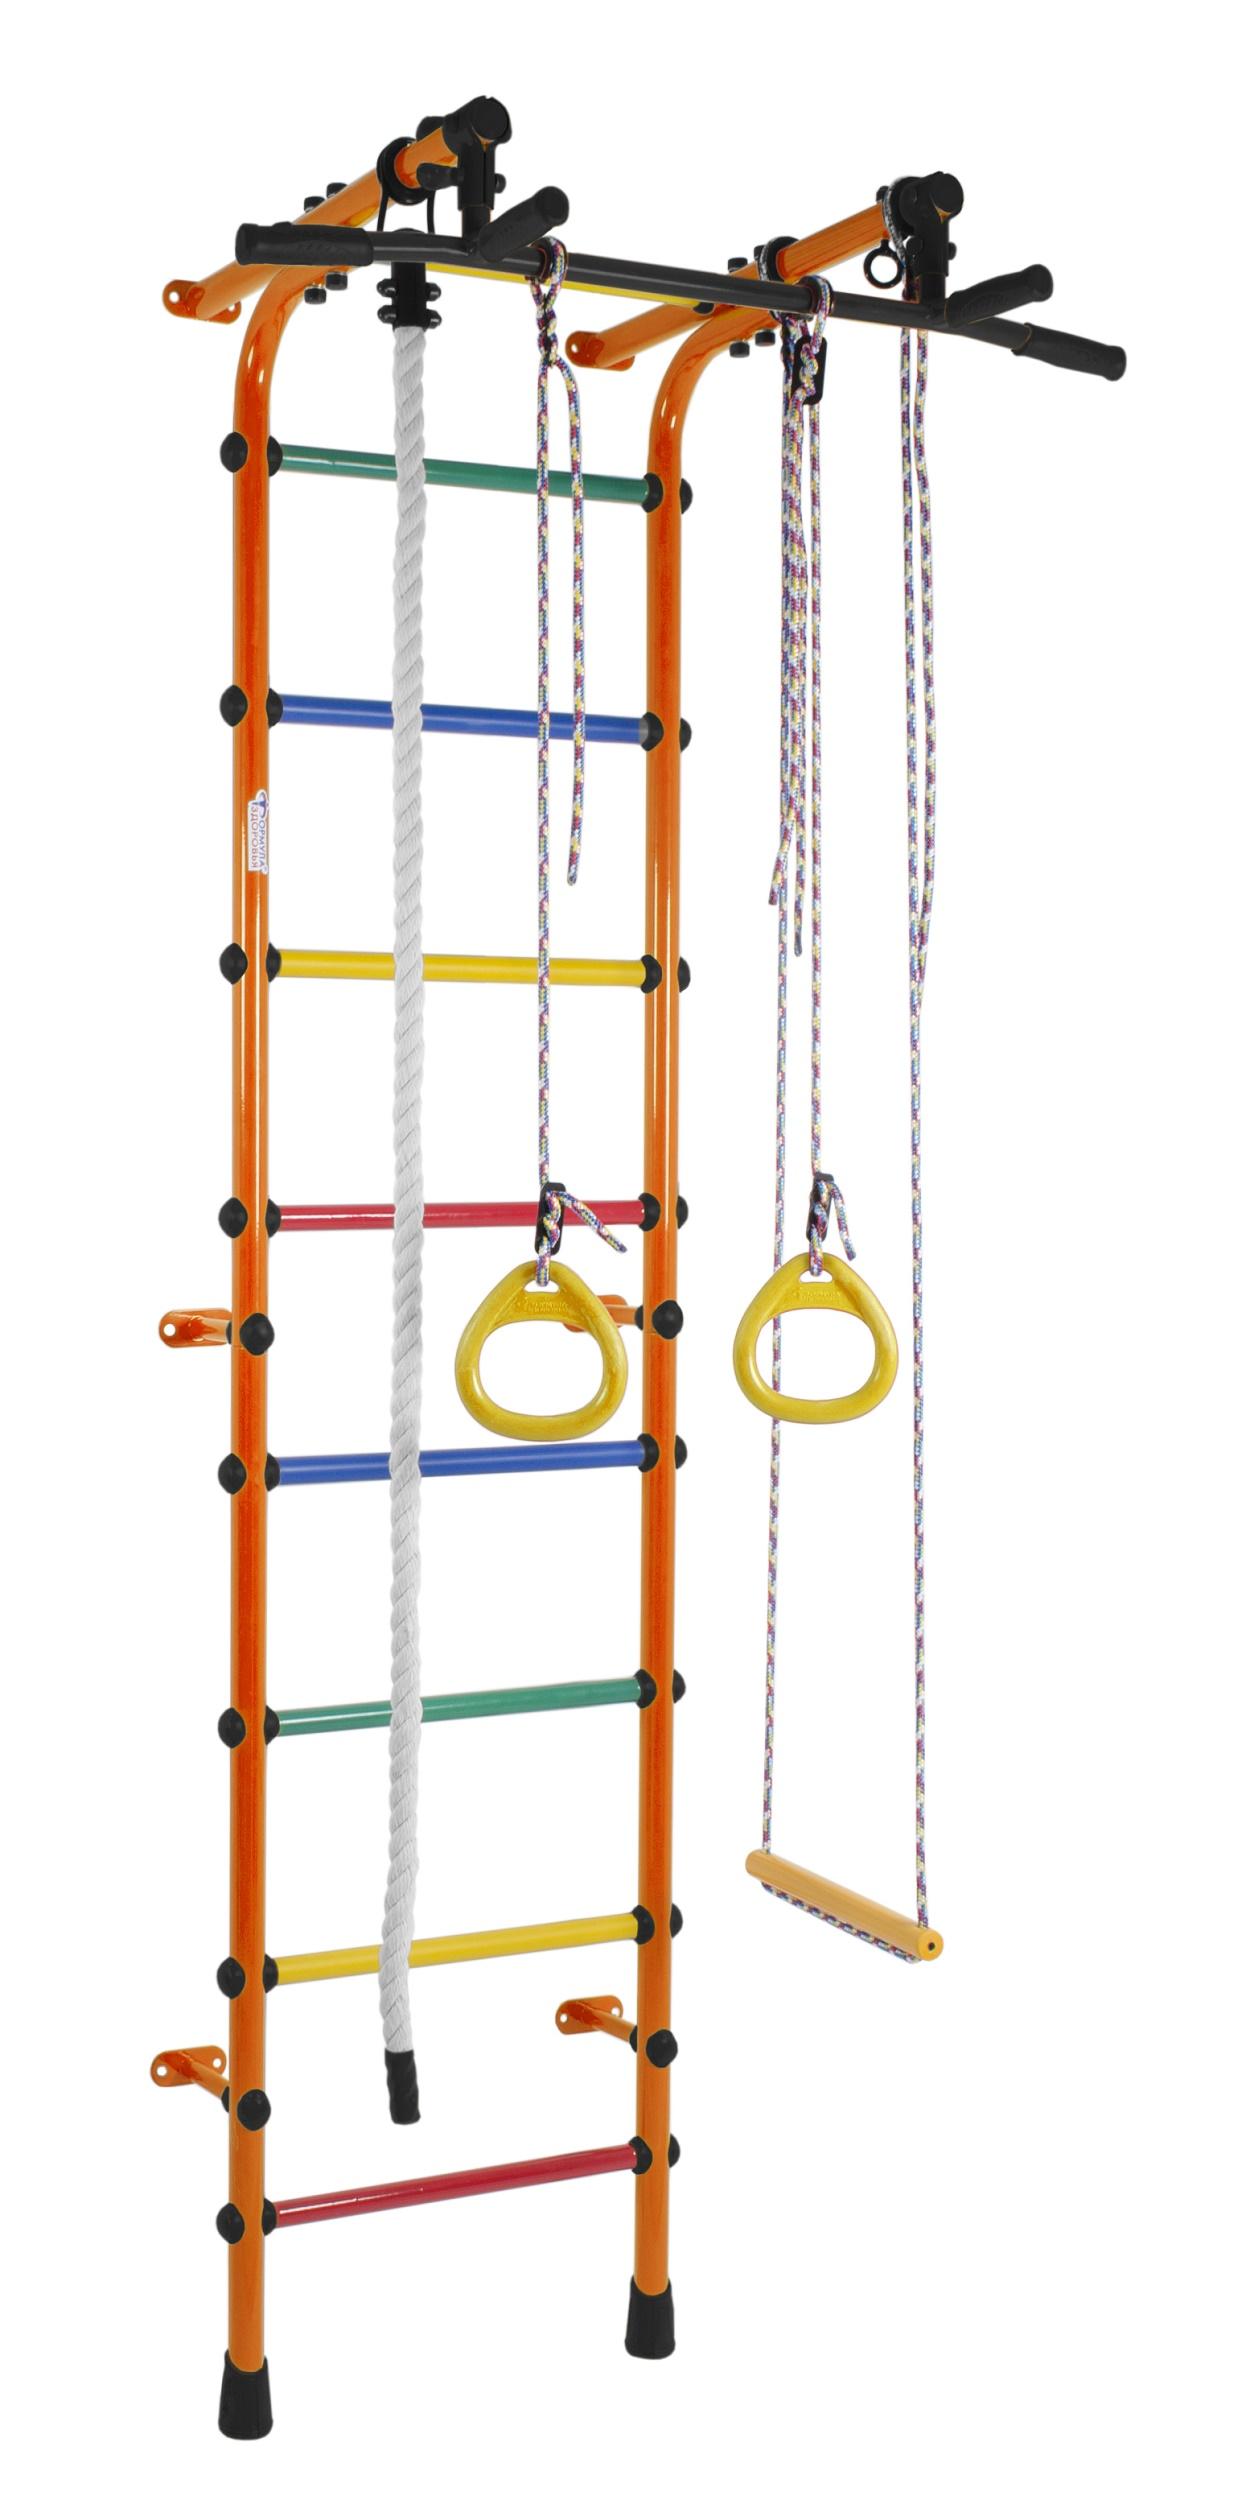 Купить Детский спортивный комплекс Непоседа, цвет - оранжевый/радуга, Формула здоровья